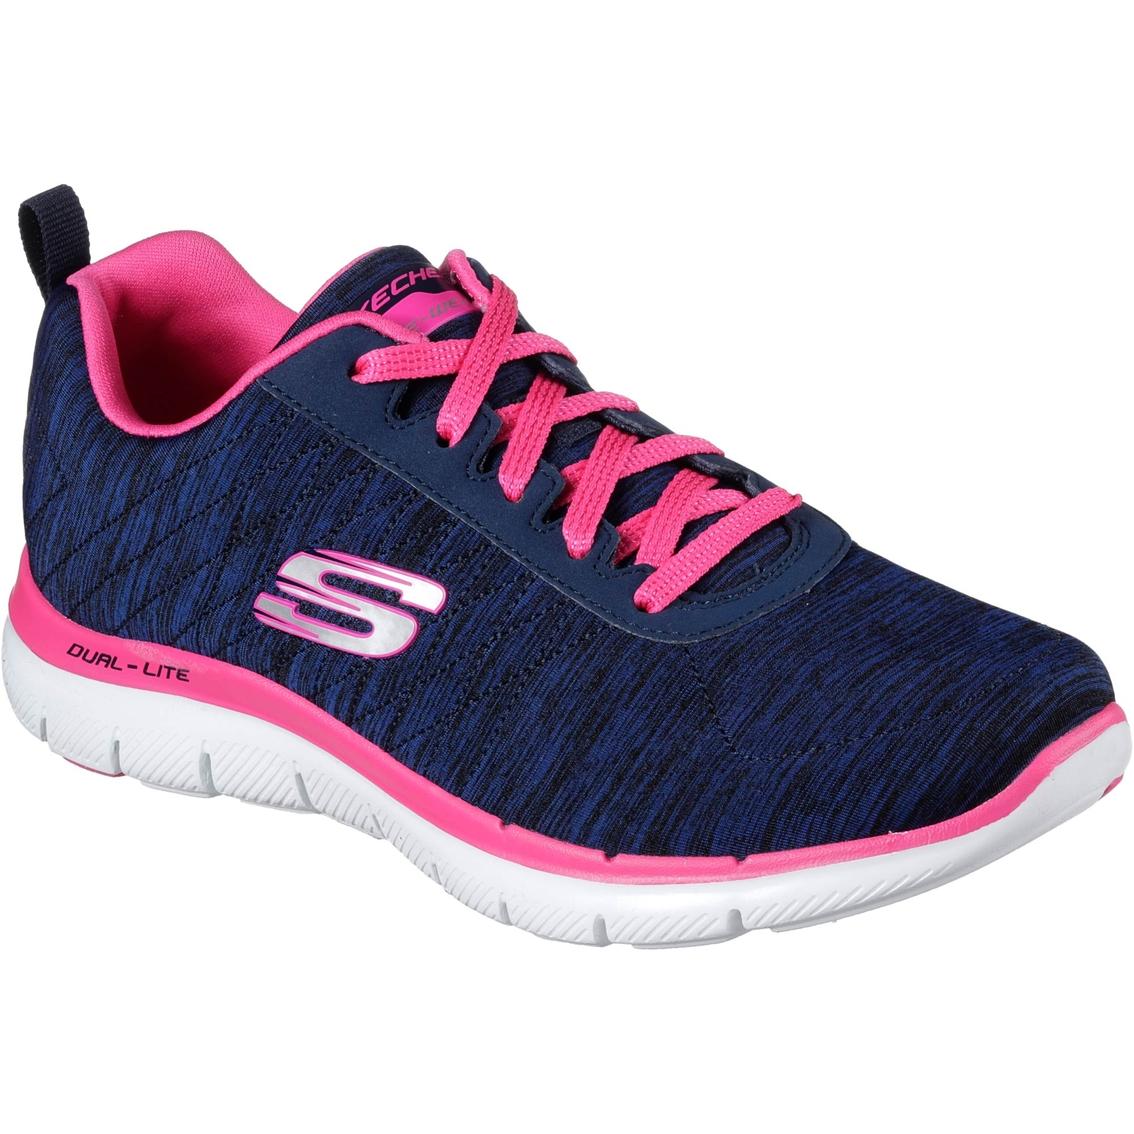 94d8fb591eeb Skechers Sport Women s Flex Appeal 2.0 Jersey Mesh Sneakers